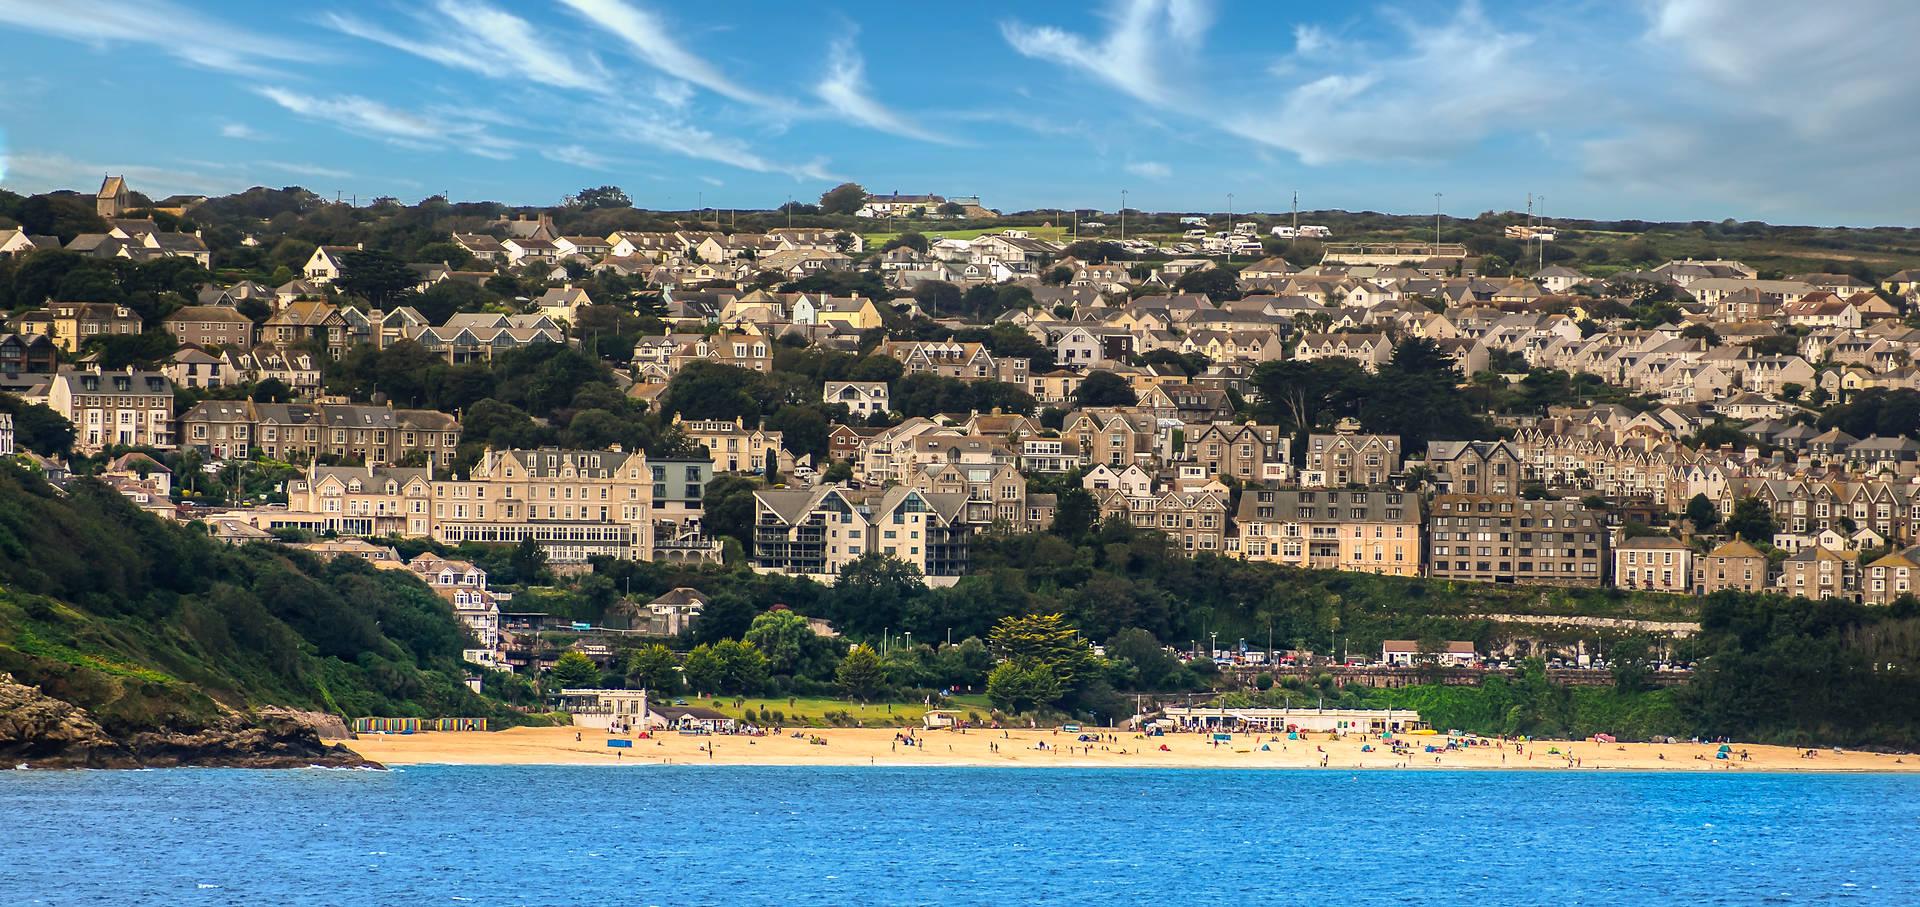 Saint Ives UK.jpg